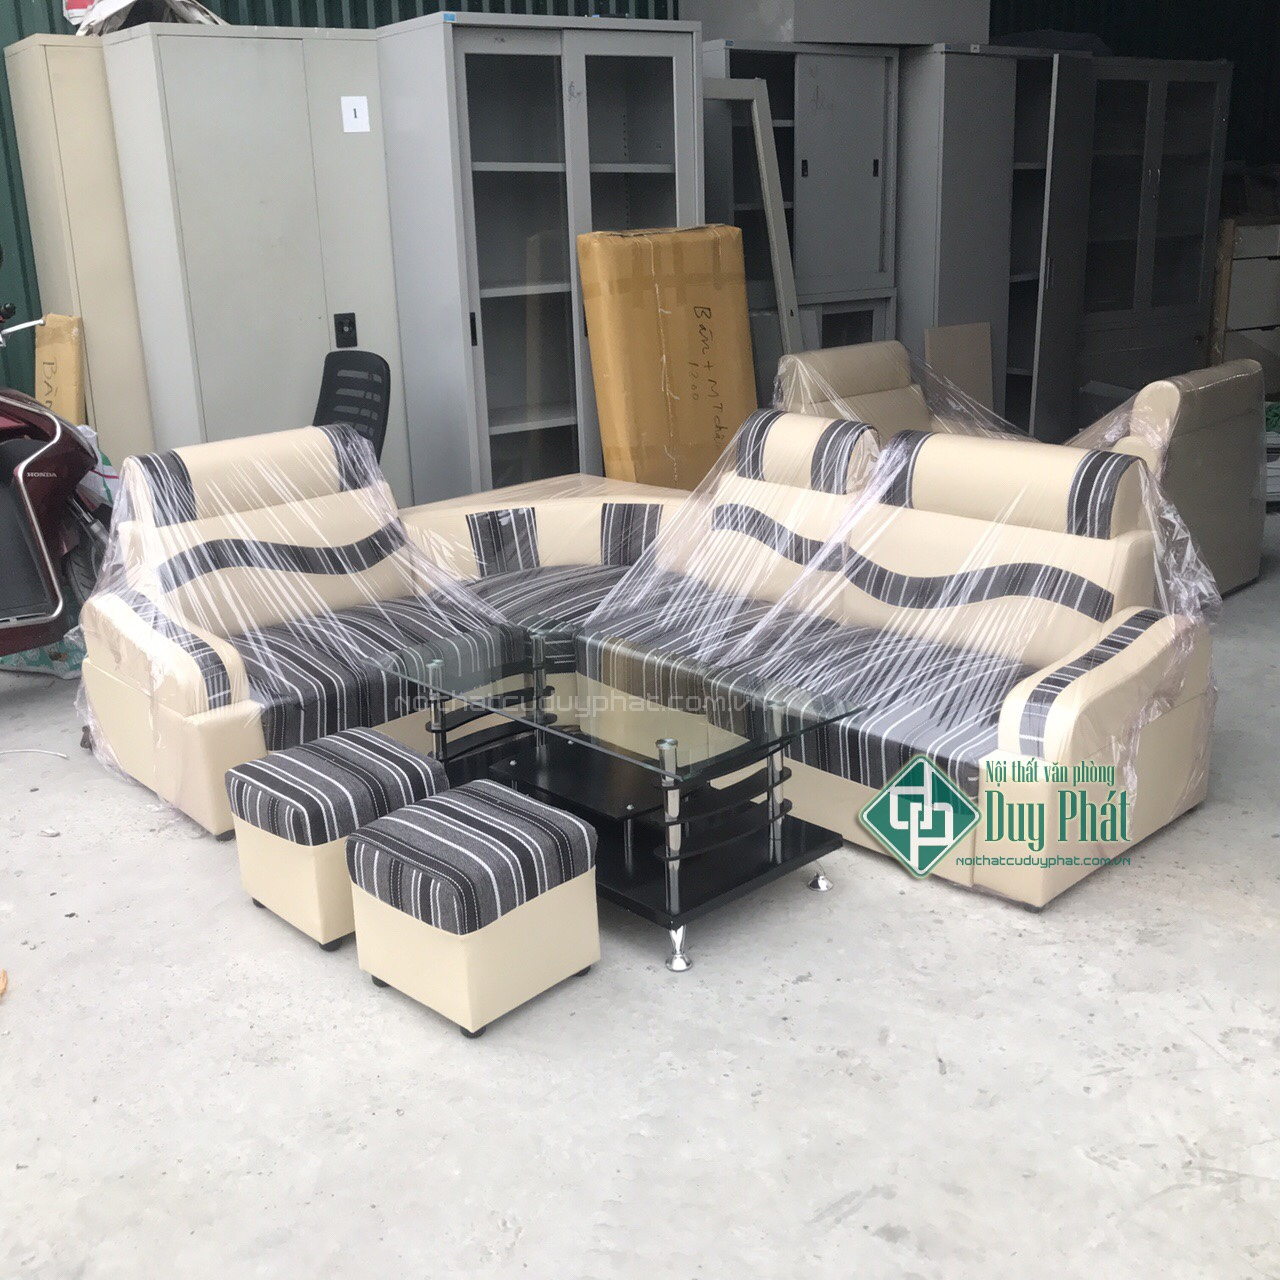 Mẫu thanh lý sofa Bắc Giang hàng mới chưa qua sử dụng